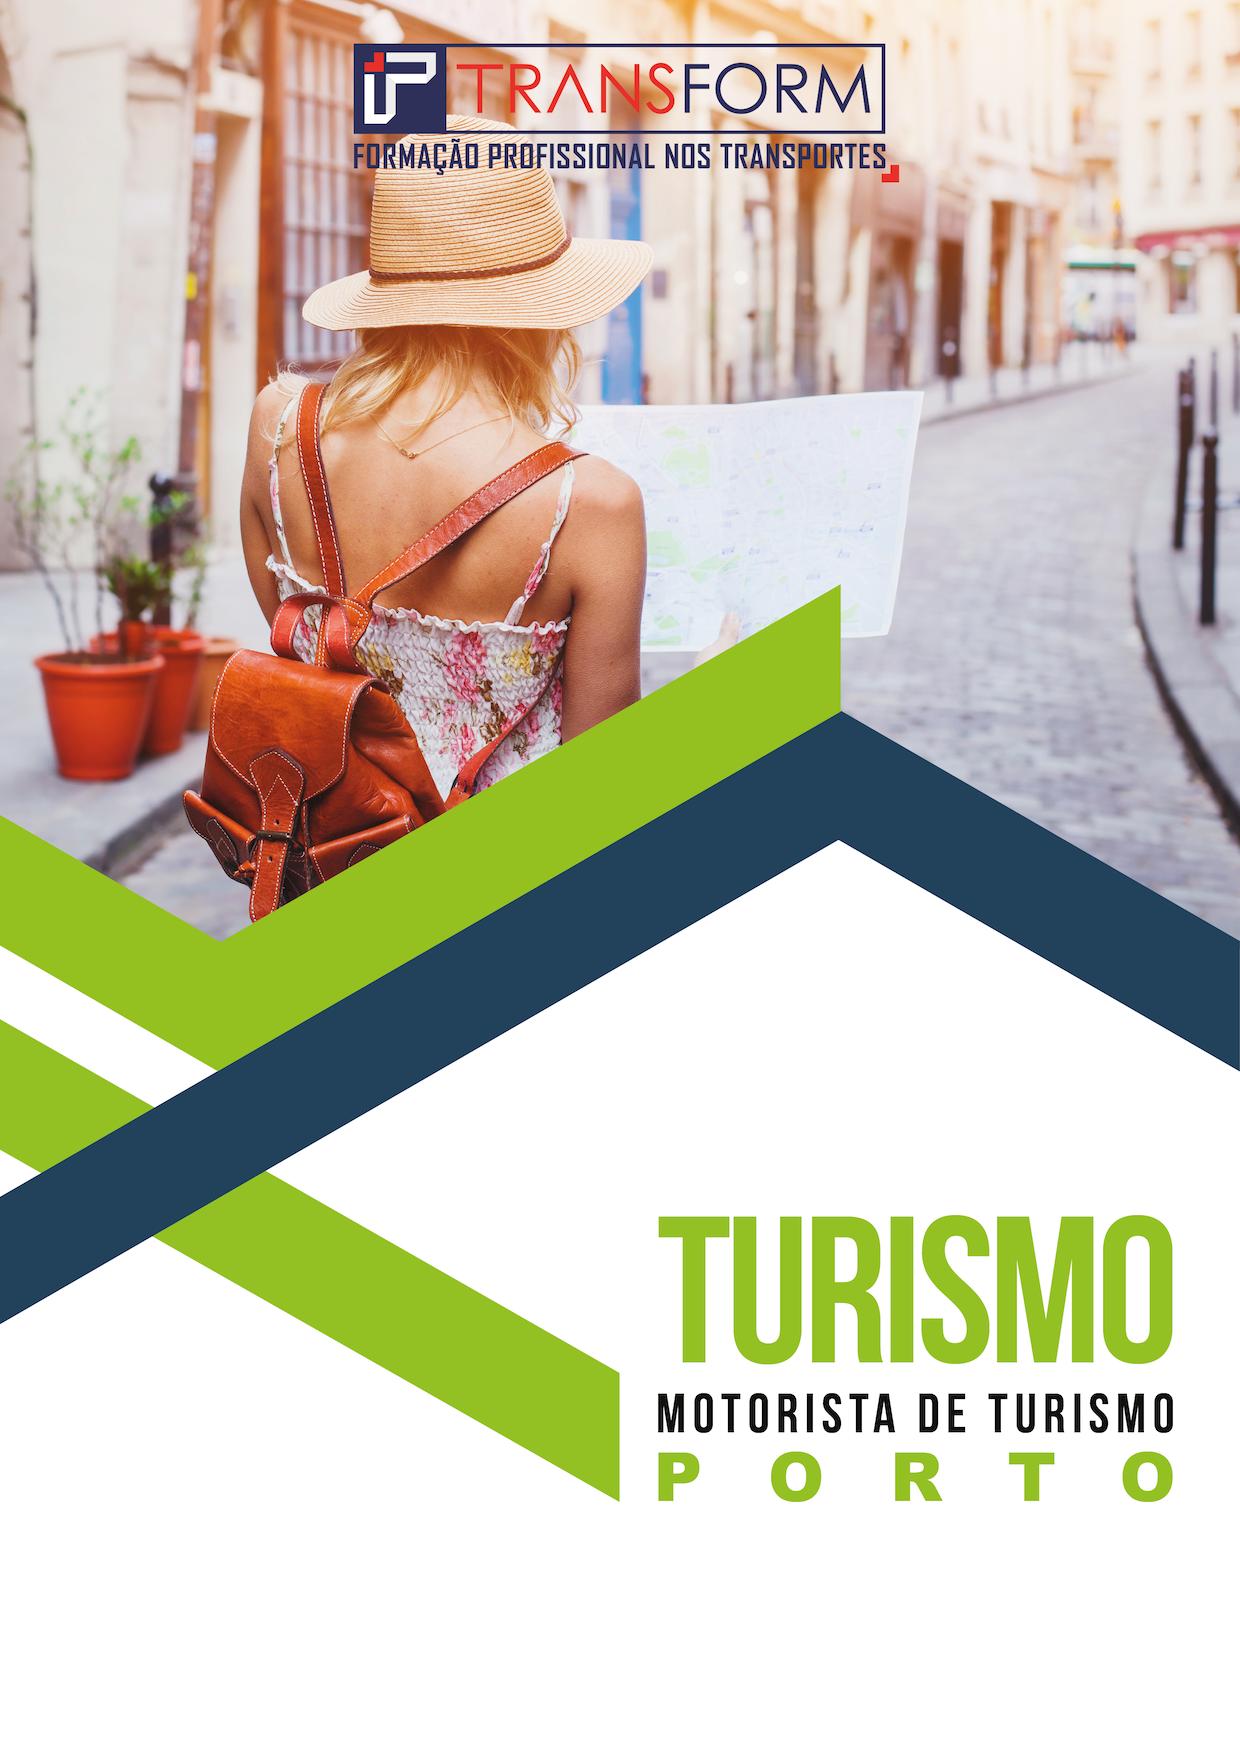 Curso de Motorista de Turismo - BLearning